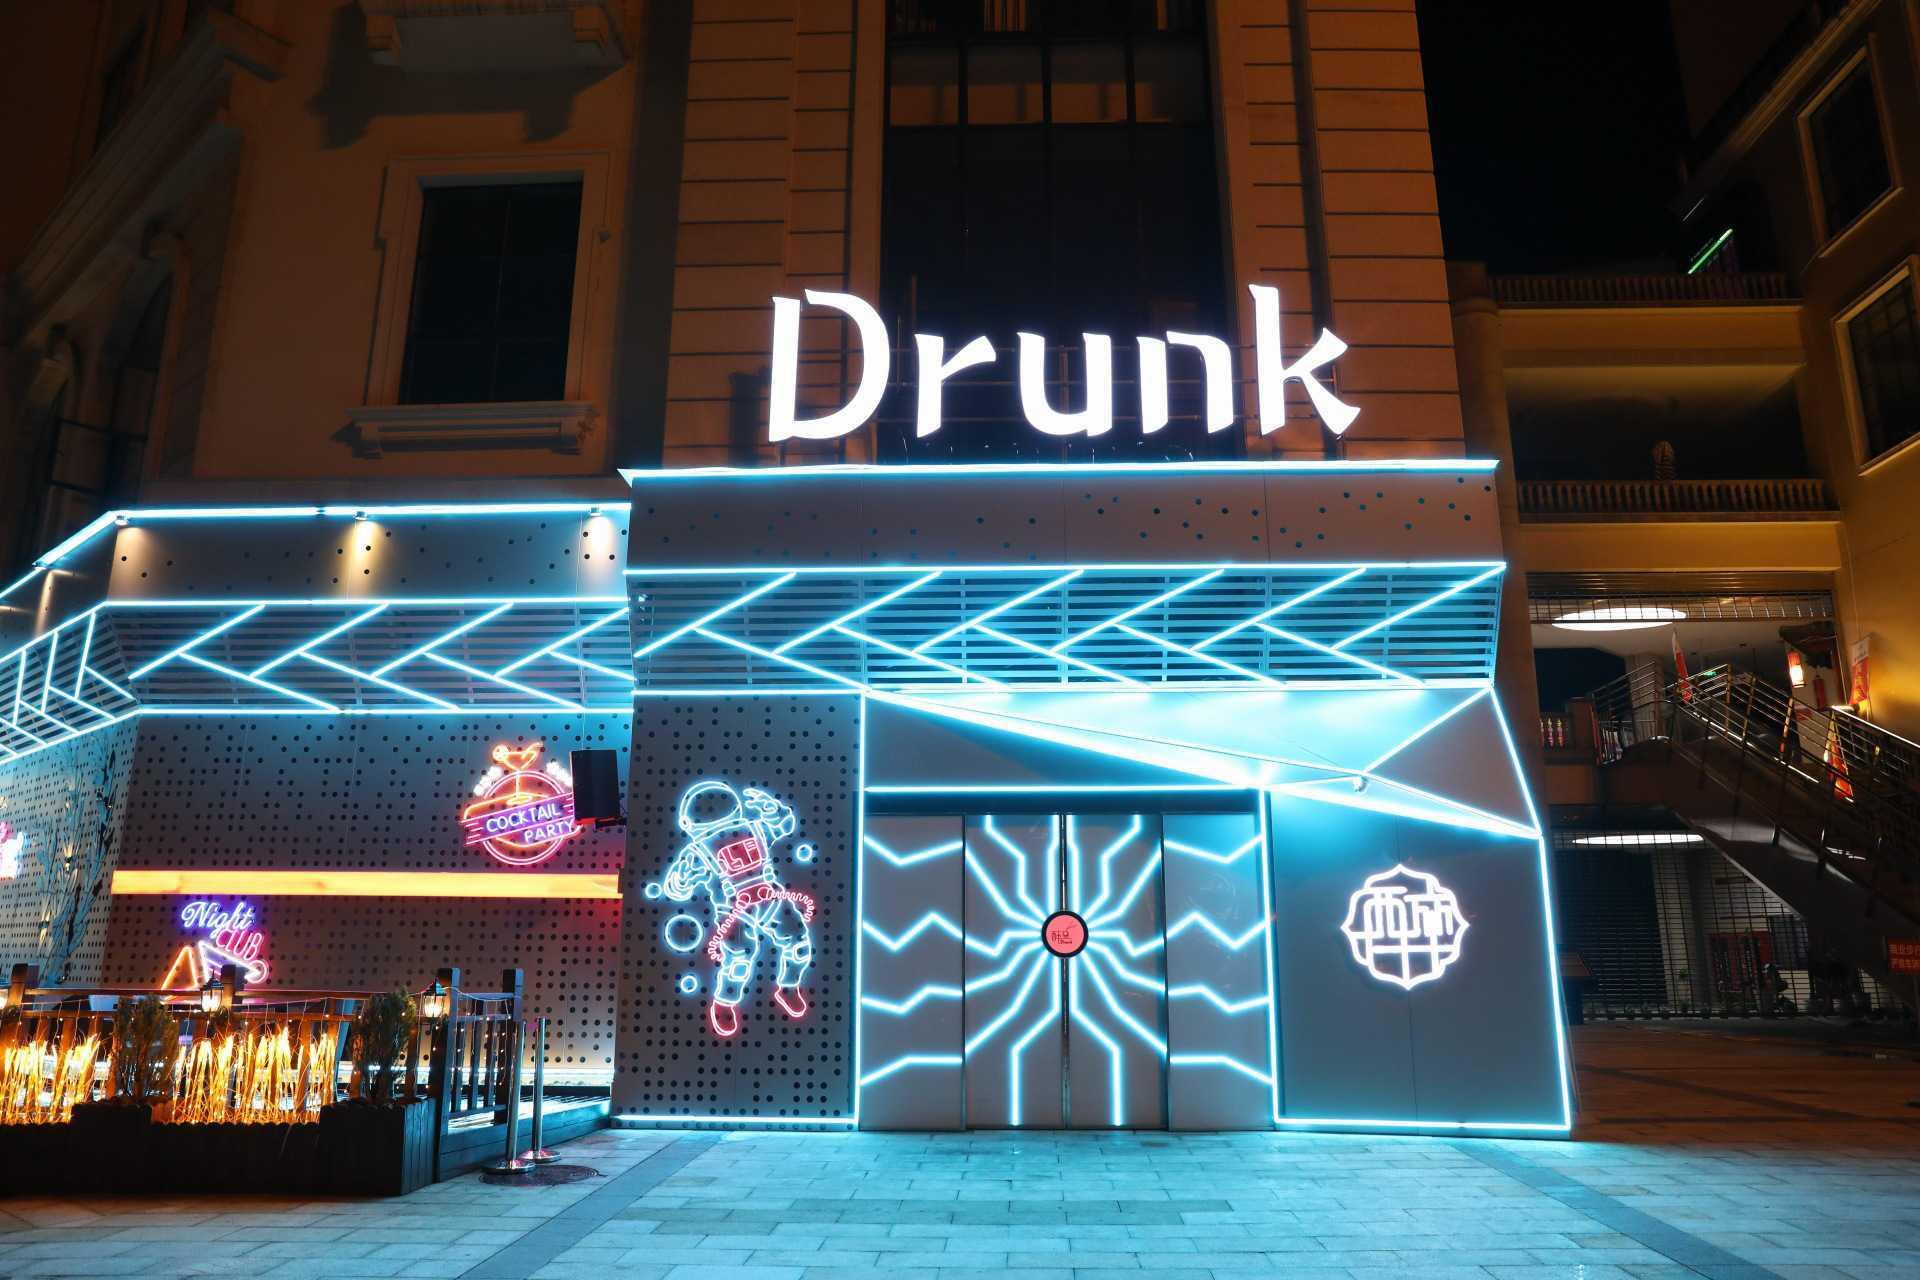 Drunk全息投影电音餐吧横空出世 电音+全域旅游点亮汉中新